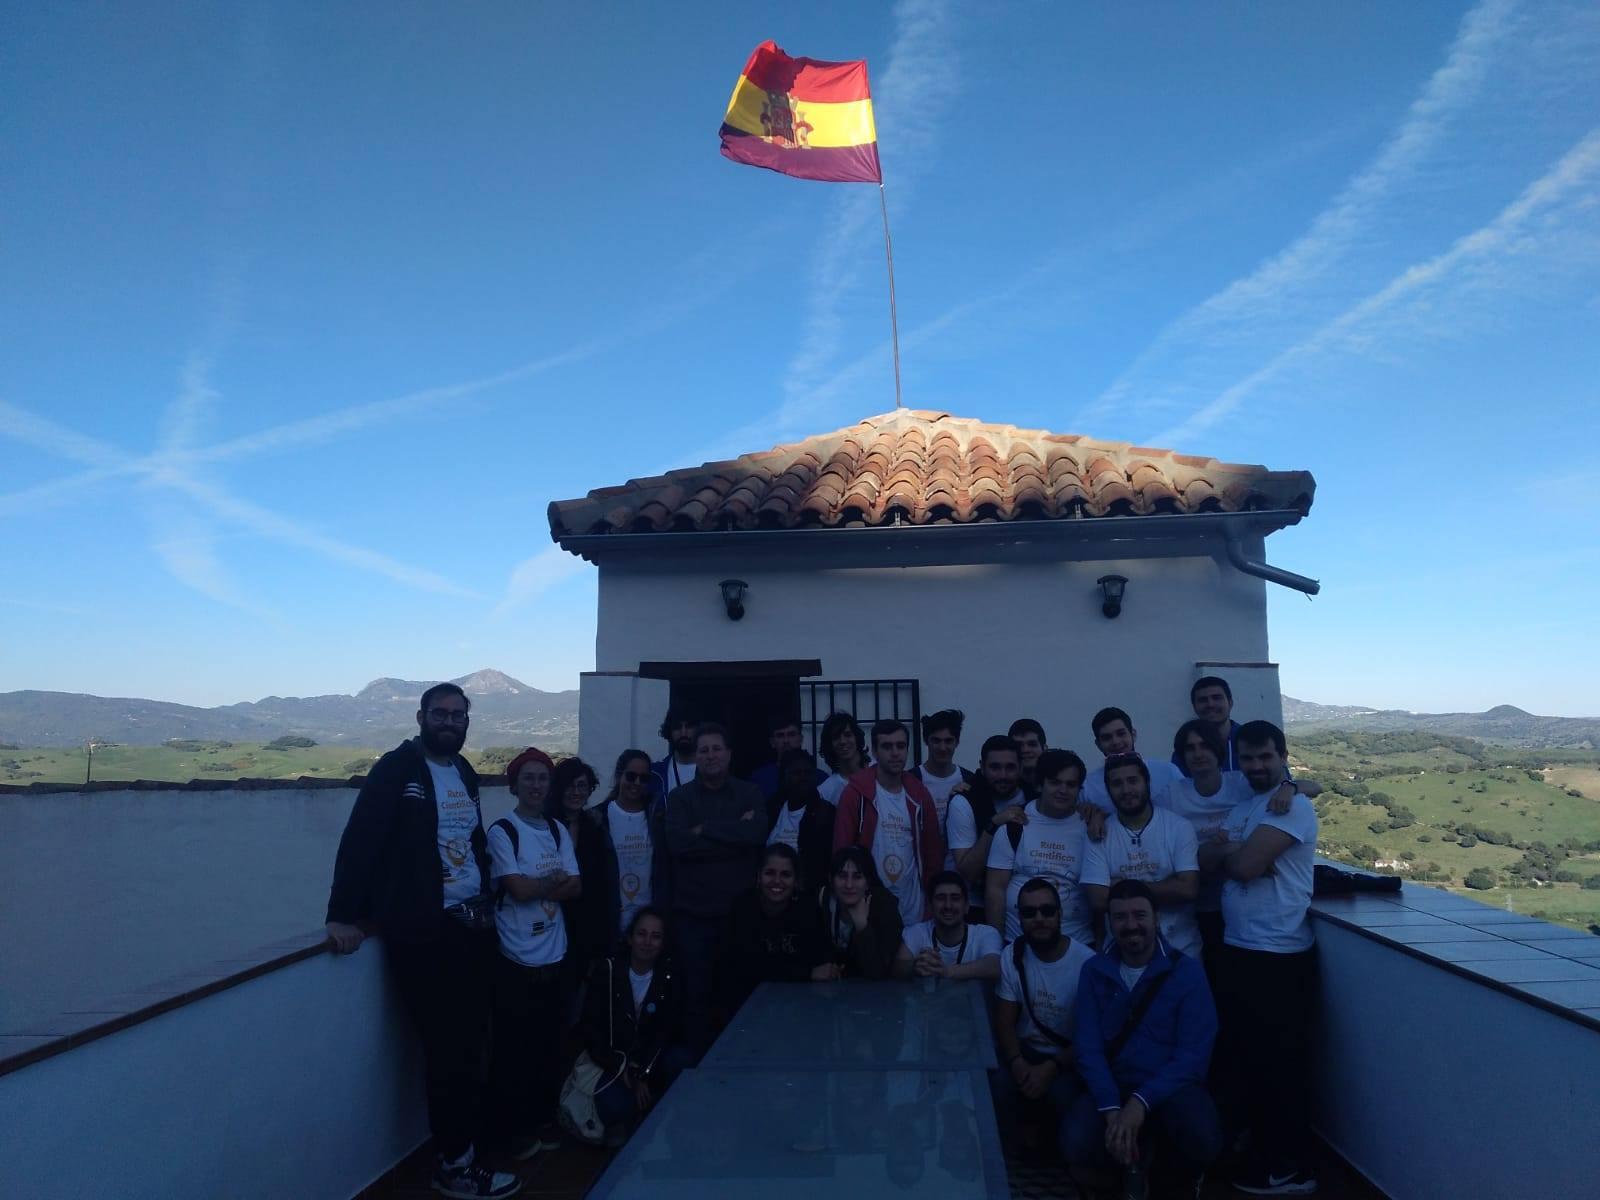 Participantes en la visita guiada posan en la azotea de la Casa de la Memoria.